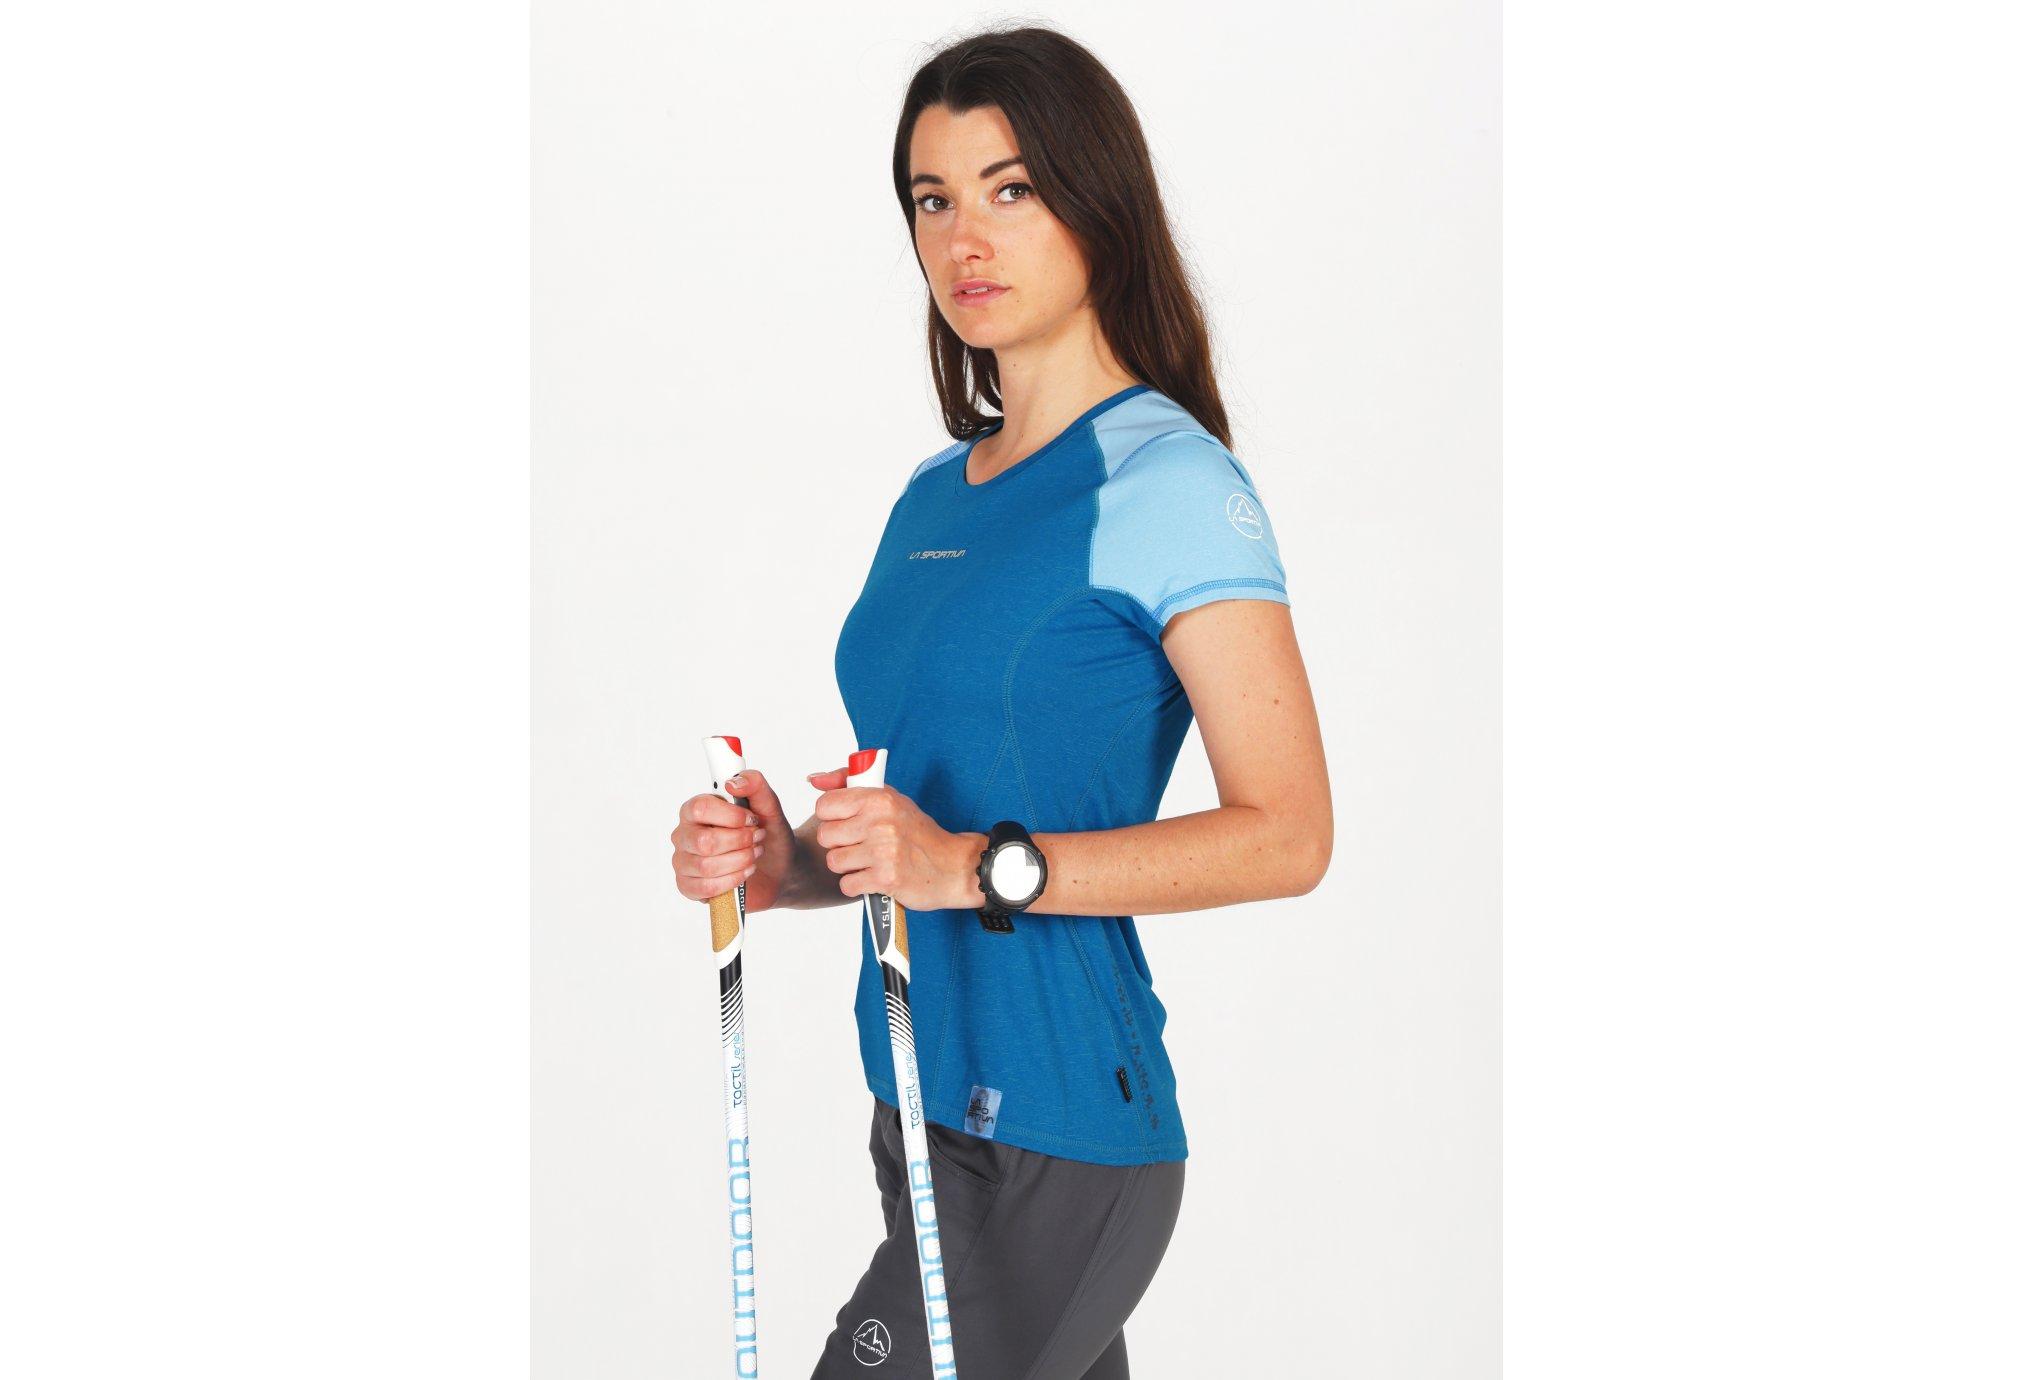 La Sportiva Hynoa W Diététique Vêtements femme